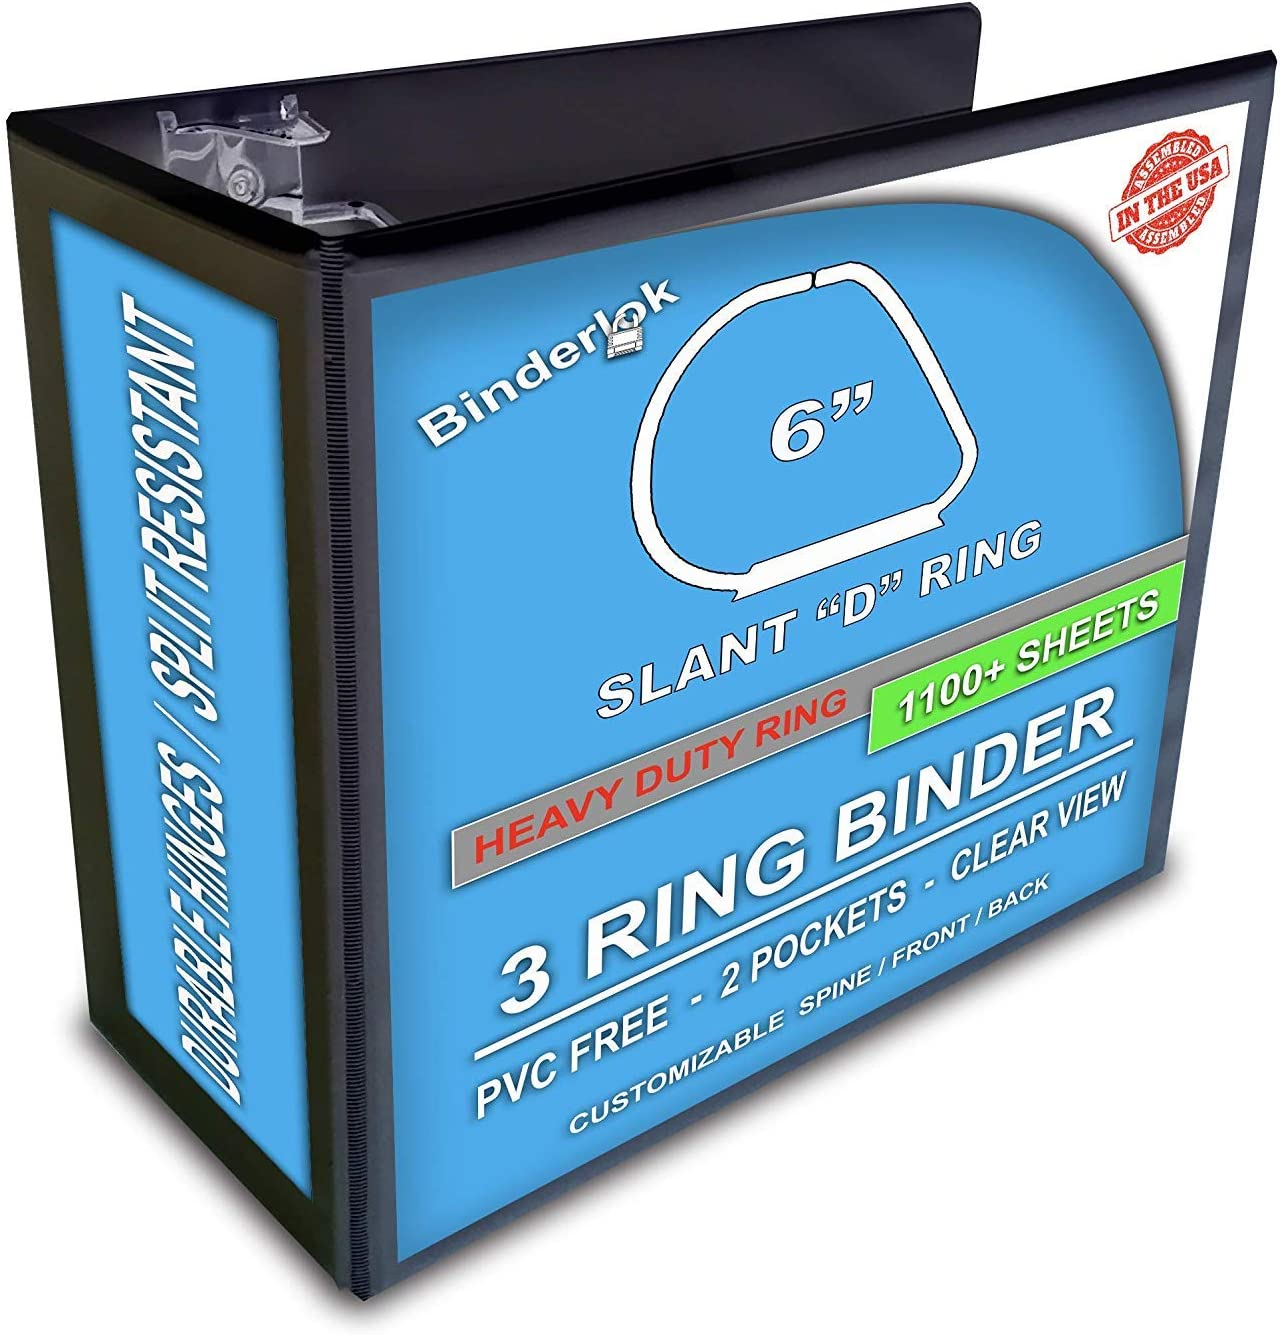 Ring Binder Depot 3リングビューバインダー 6インチ 傾斜Dリング ブラック 4個パック